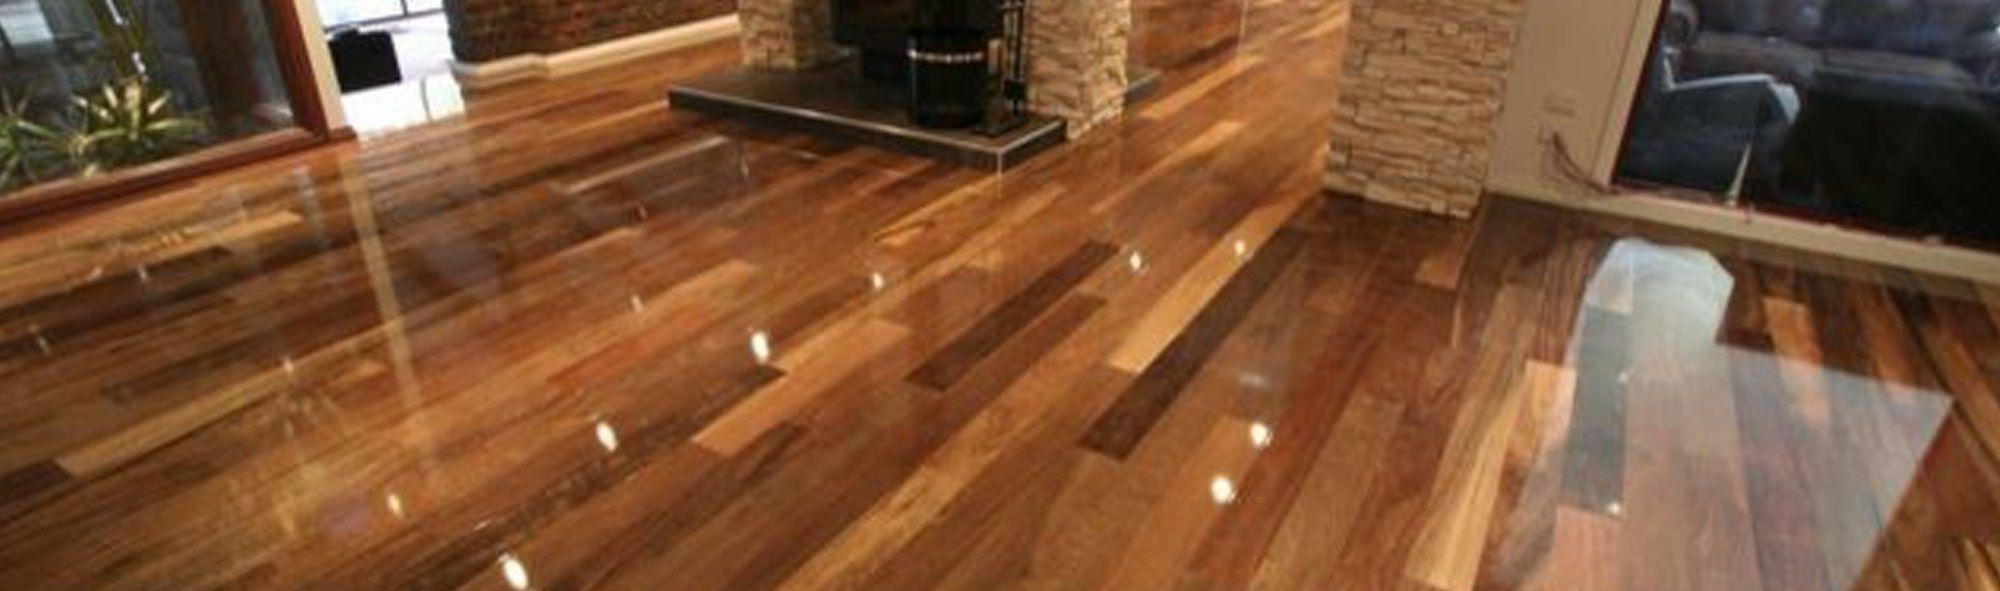 Floors Epoxy Resin Flooring Epoxy Resin Wood Wood Floors